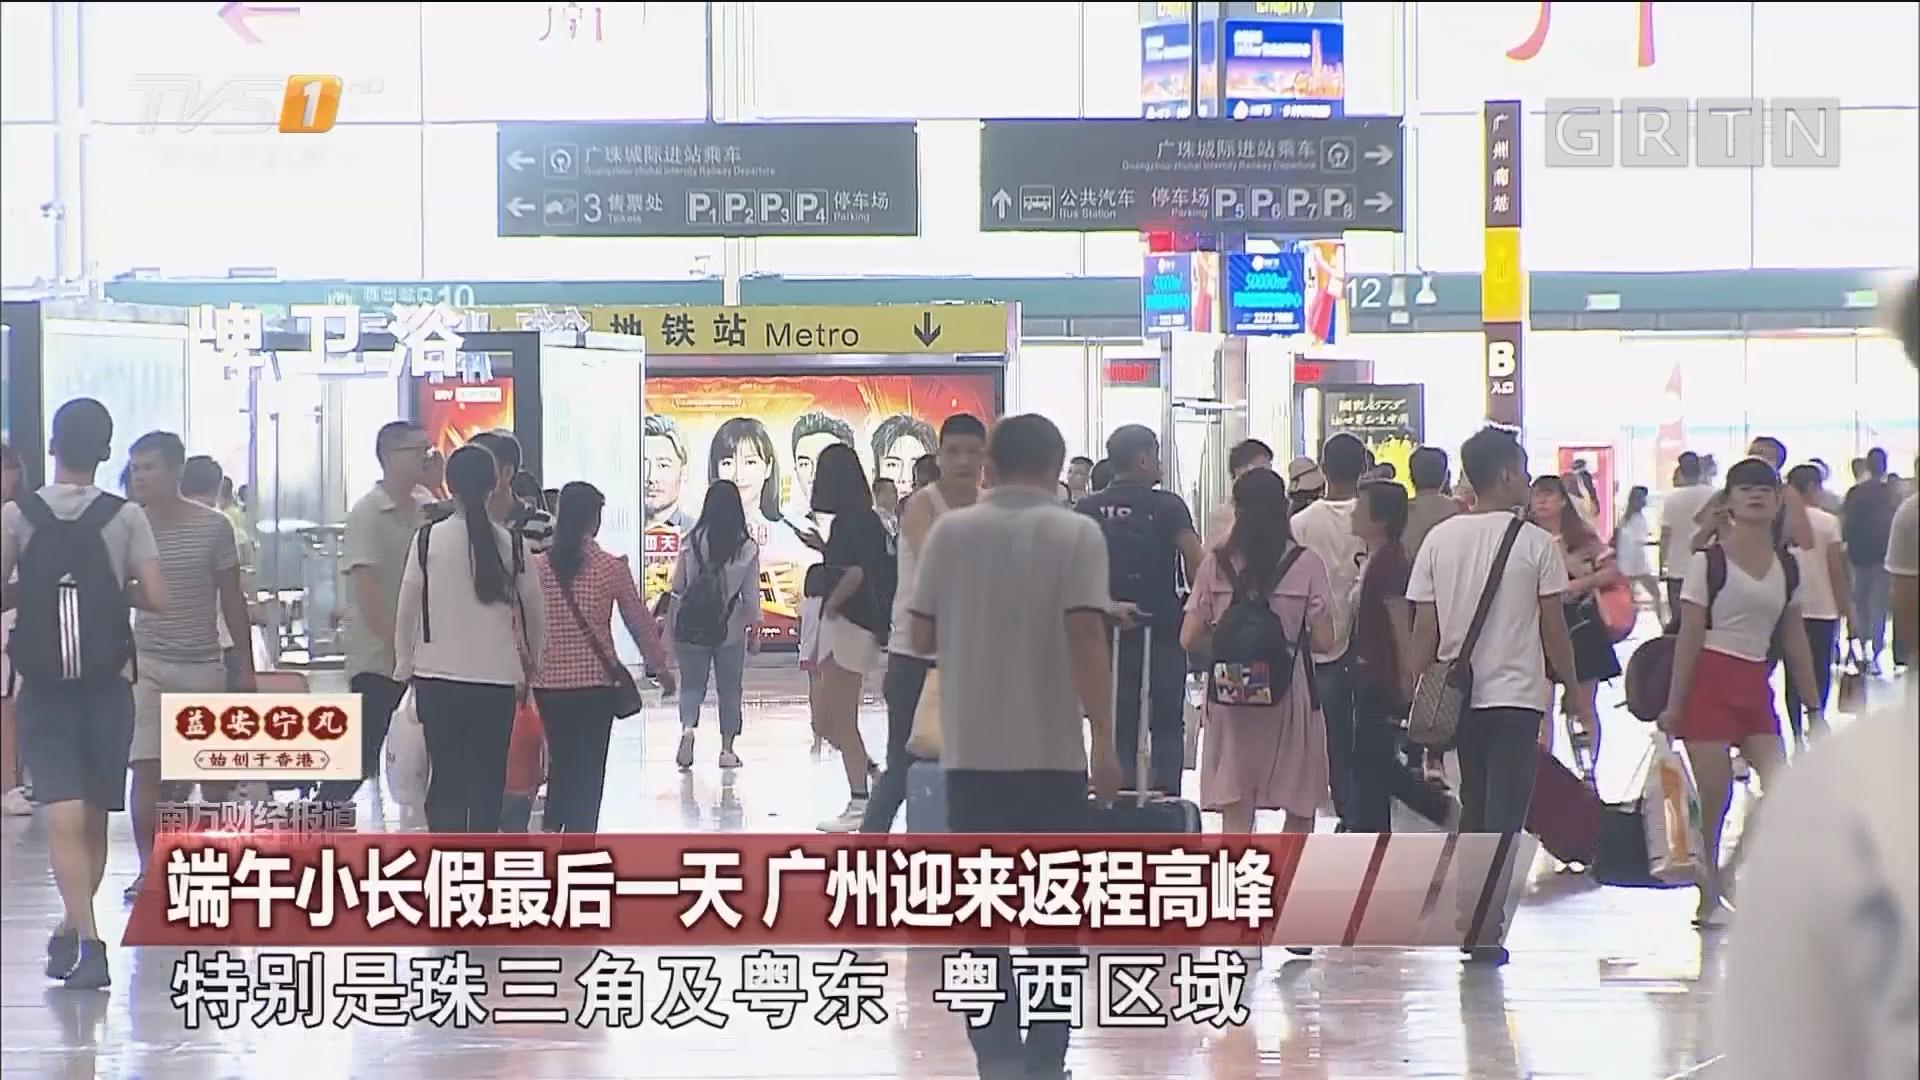 端午小长假最后一天 广州迎来返程高峰